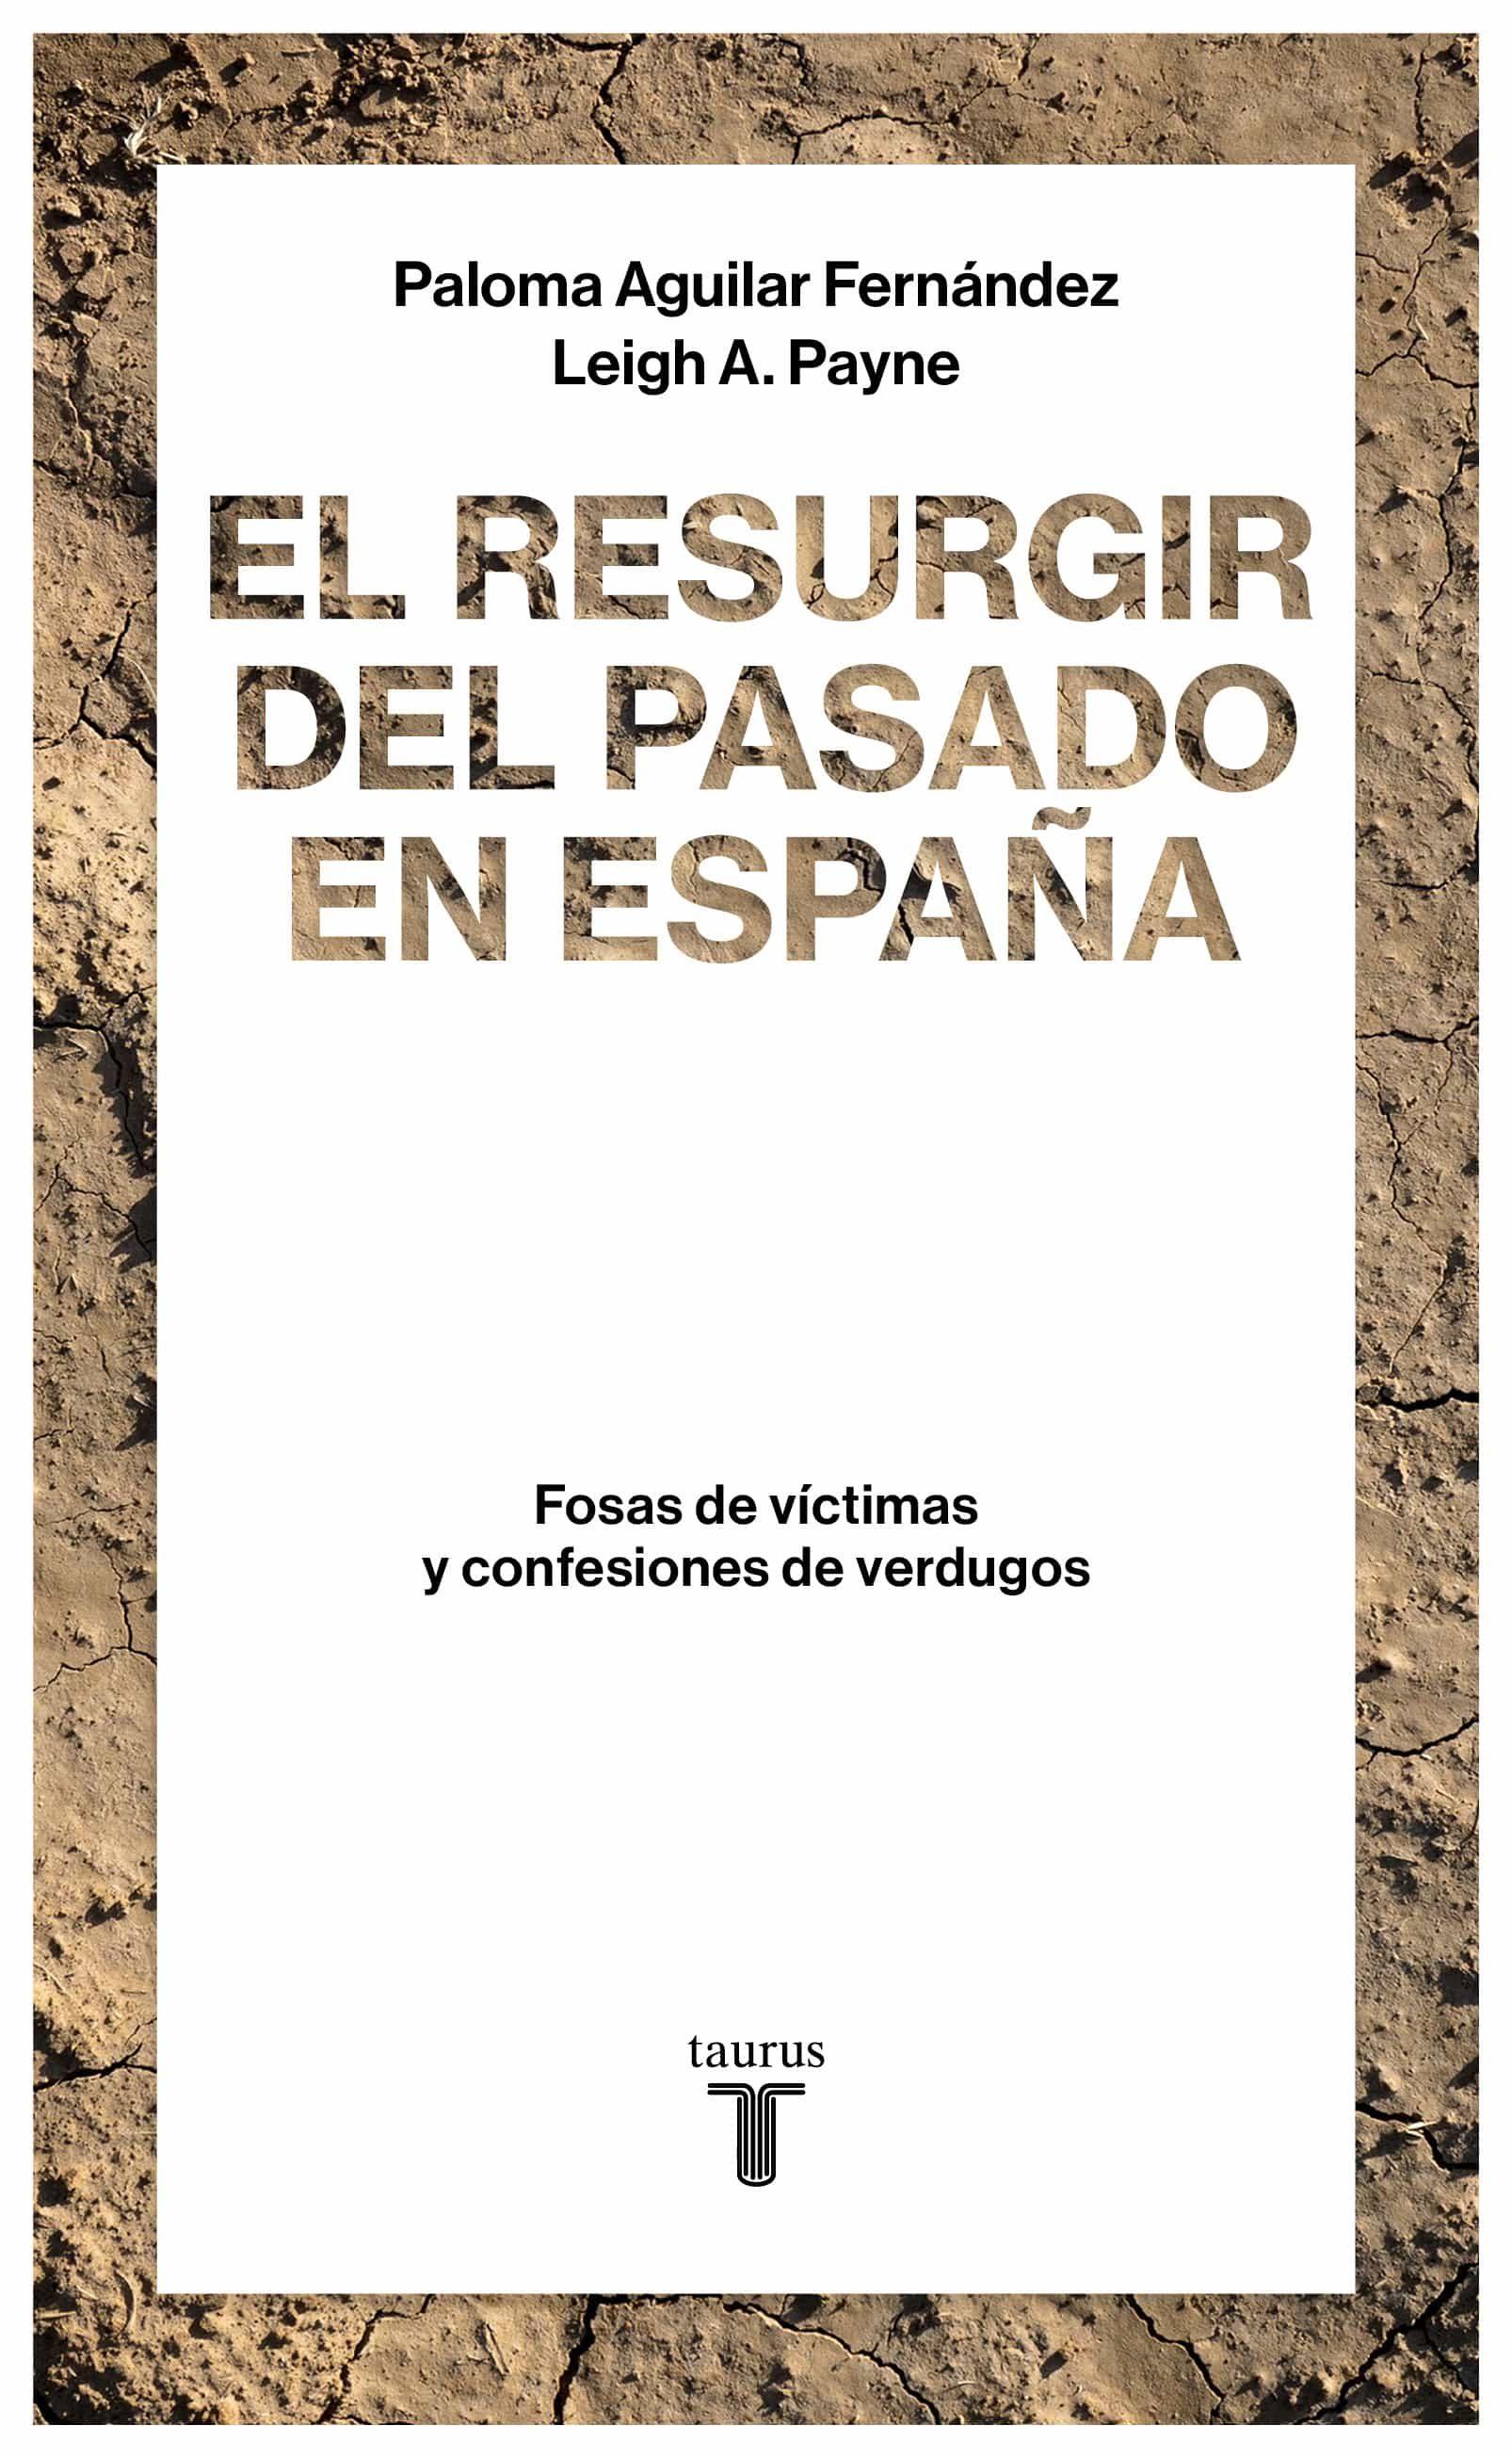 el resurgir del pasado en españa (ebook)-paloma aguilar fernandez-a. payne leigh-9788430619115